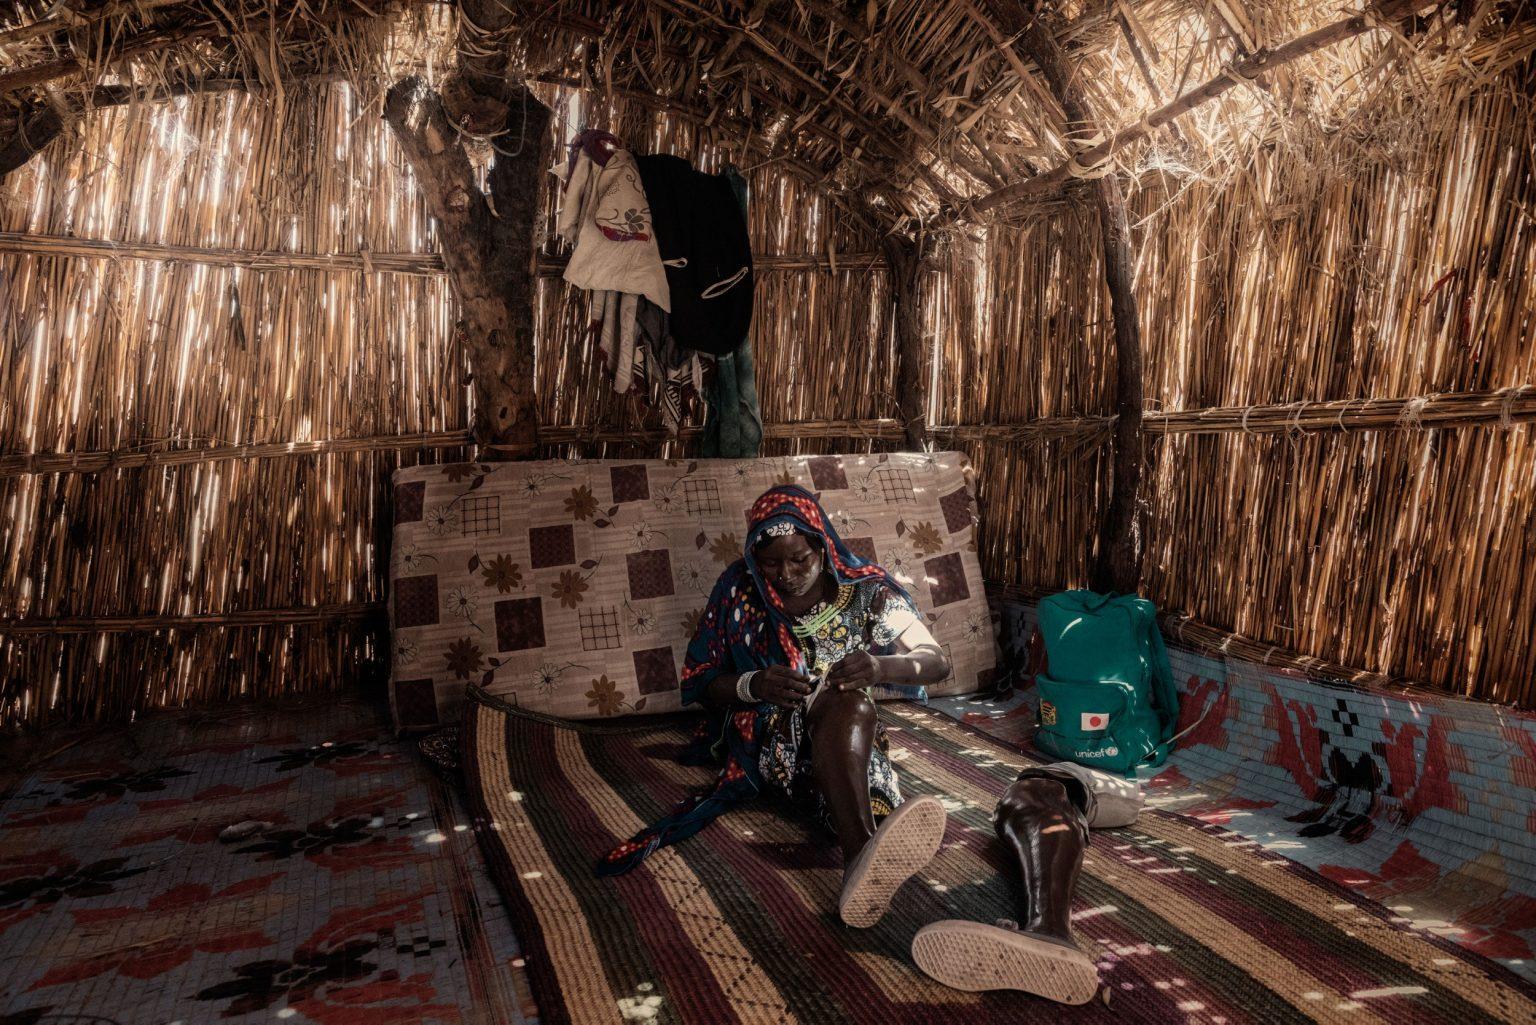 Africa, Chad, Gomirom Domouli, October 2018 - Halima Adama, a former member of Boko Haram terrorist group. Halima is a kamikaze who survived a suicide attack she carried out herself. This young woman, now aged 20, was forced into carrying out this suicide mission at the age of just 18. She did not die in the explosion, but she lost both of her legs, and has now returned to live with her family in the village of Gomirom Domouli. >< Africa, Ciad, Gomirom Domouli, Ottobre 2018 - Halima Adama, una ex membra del gruppo terroristico Boko Haram. Halima è una kamikaze che è sopravvissuta all?attacco suicida compiuto da lei stessa. Questa giovane donna, che ora ha 20 anni, è stata costretta a compiere questa missione suicida all?età di 18 anni. Non è morta nell?esplosione ma ha perso entrambe le gambe ed è tornata ora a vivere con la sua famiglia nel villaggio di Gomirom Domouli. *** SPECIAL   FEE   APPLIES *** *** Local Caption *** 01362923